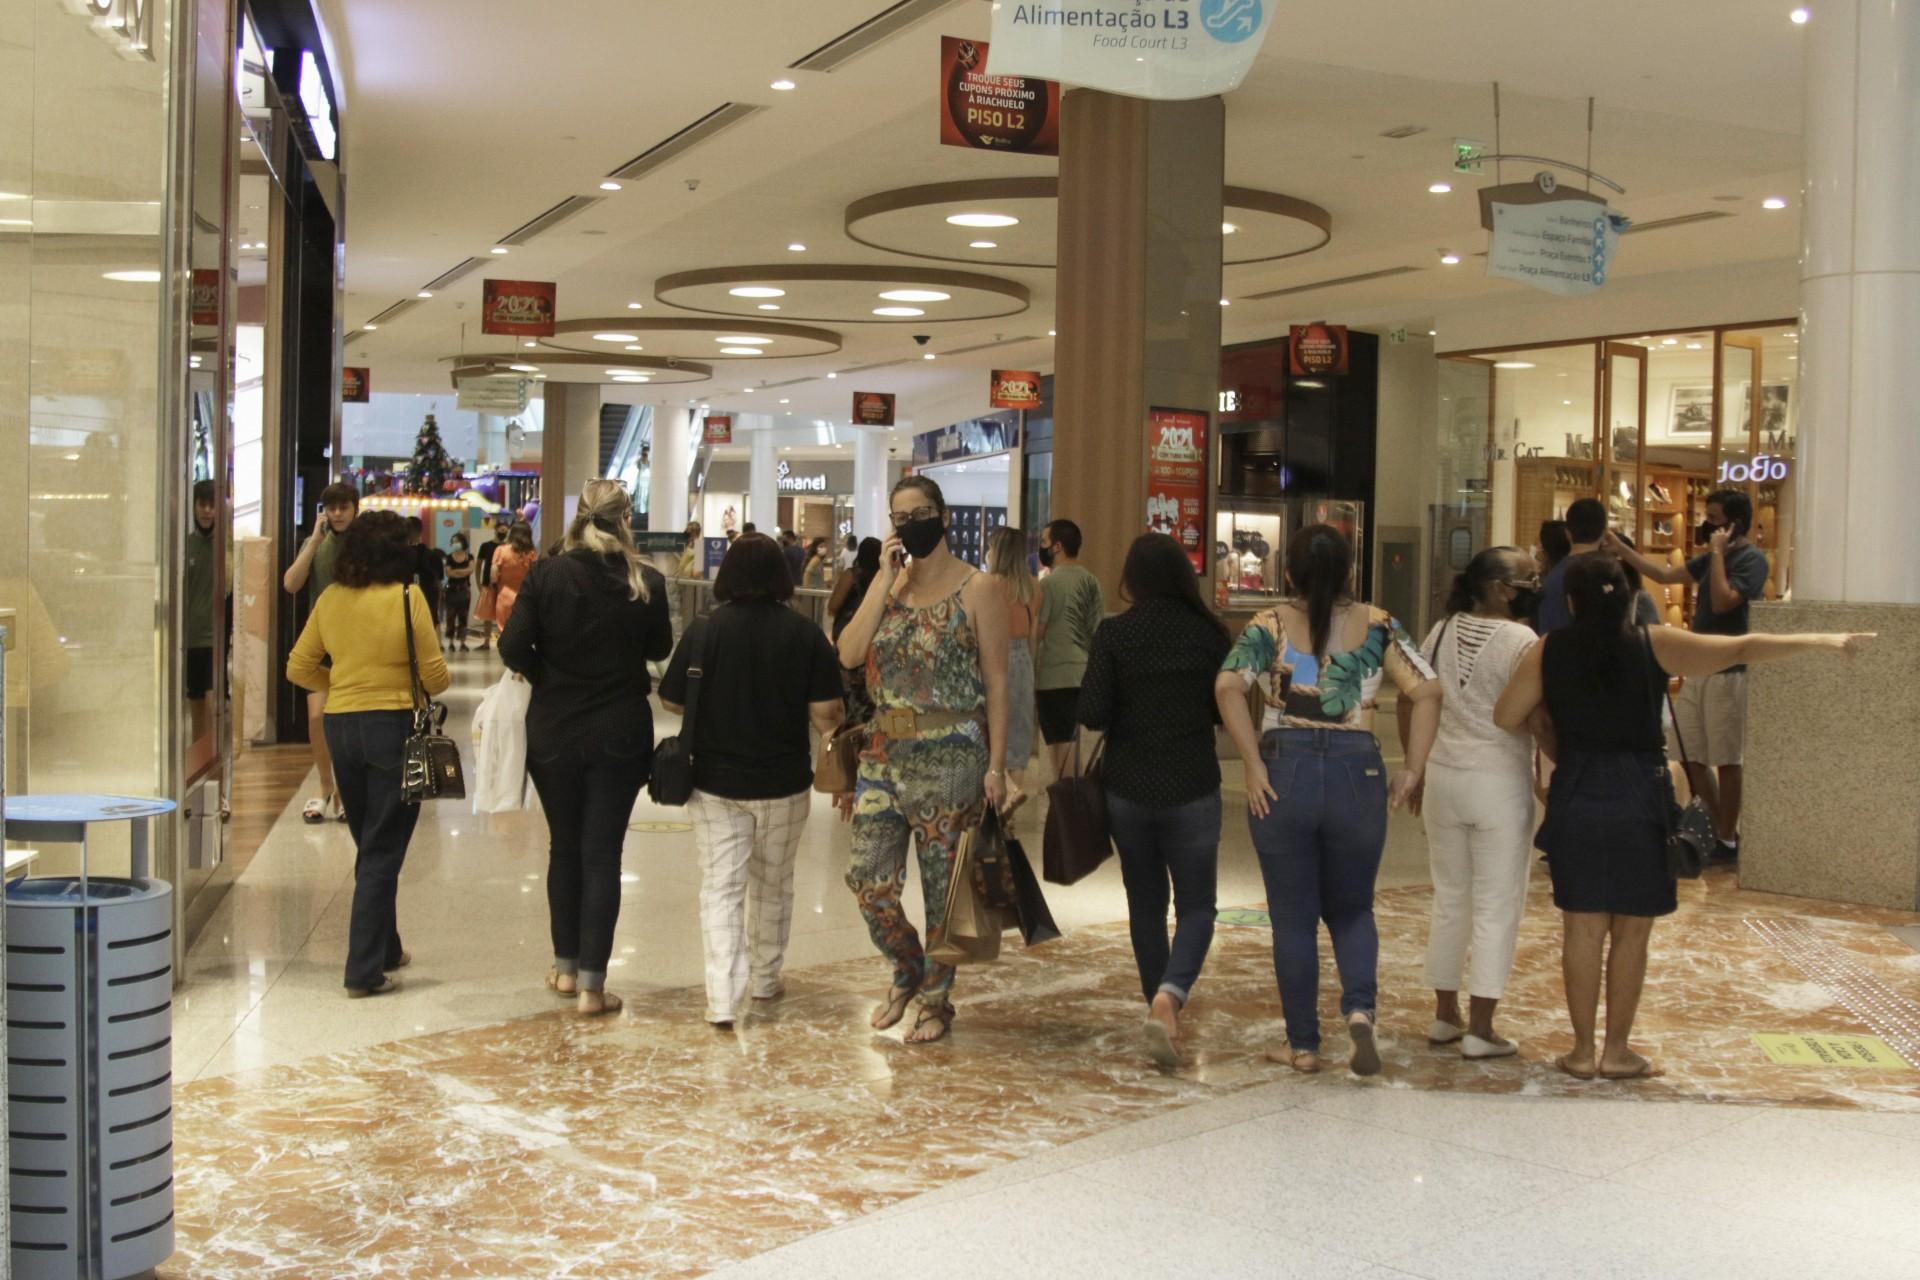 Shoppings poderão ter horário estendido até às 23 horas